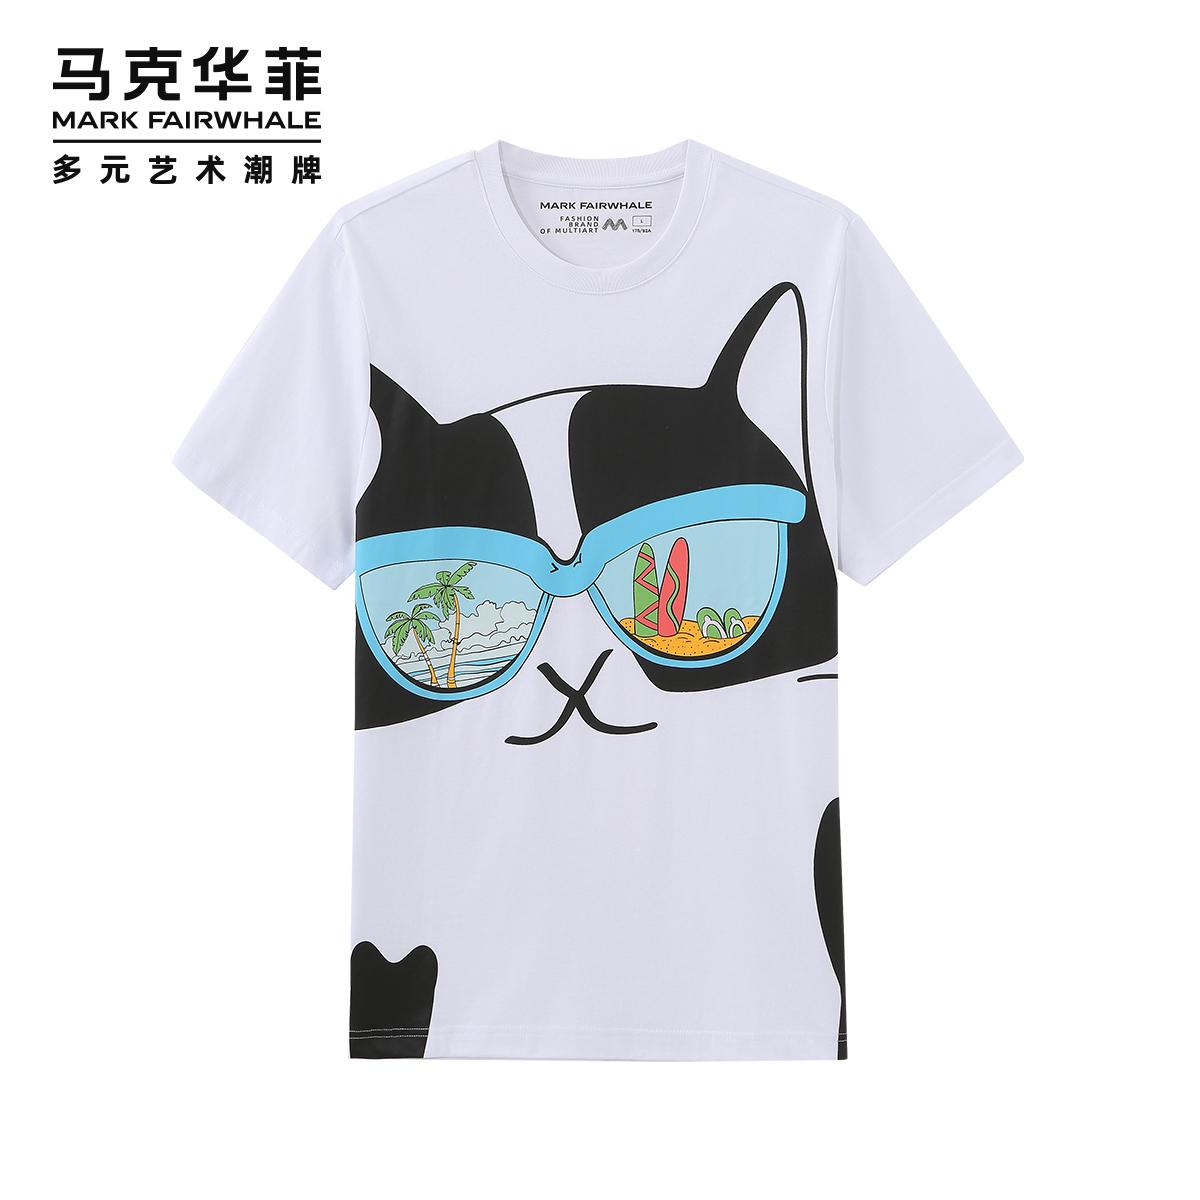 [新]马克华菲短袖T恤2020夏季新款男士大猫咪满印花潮情侣上衣